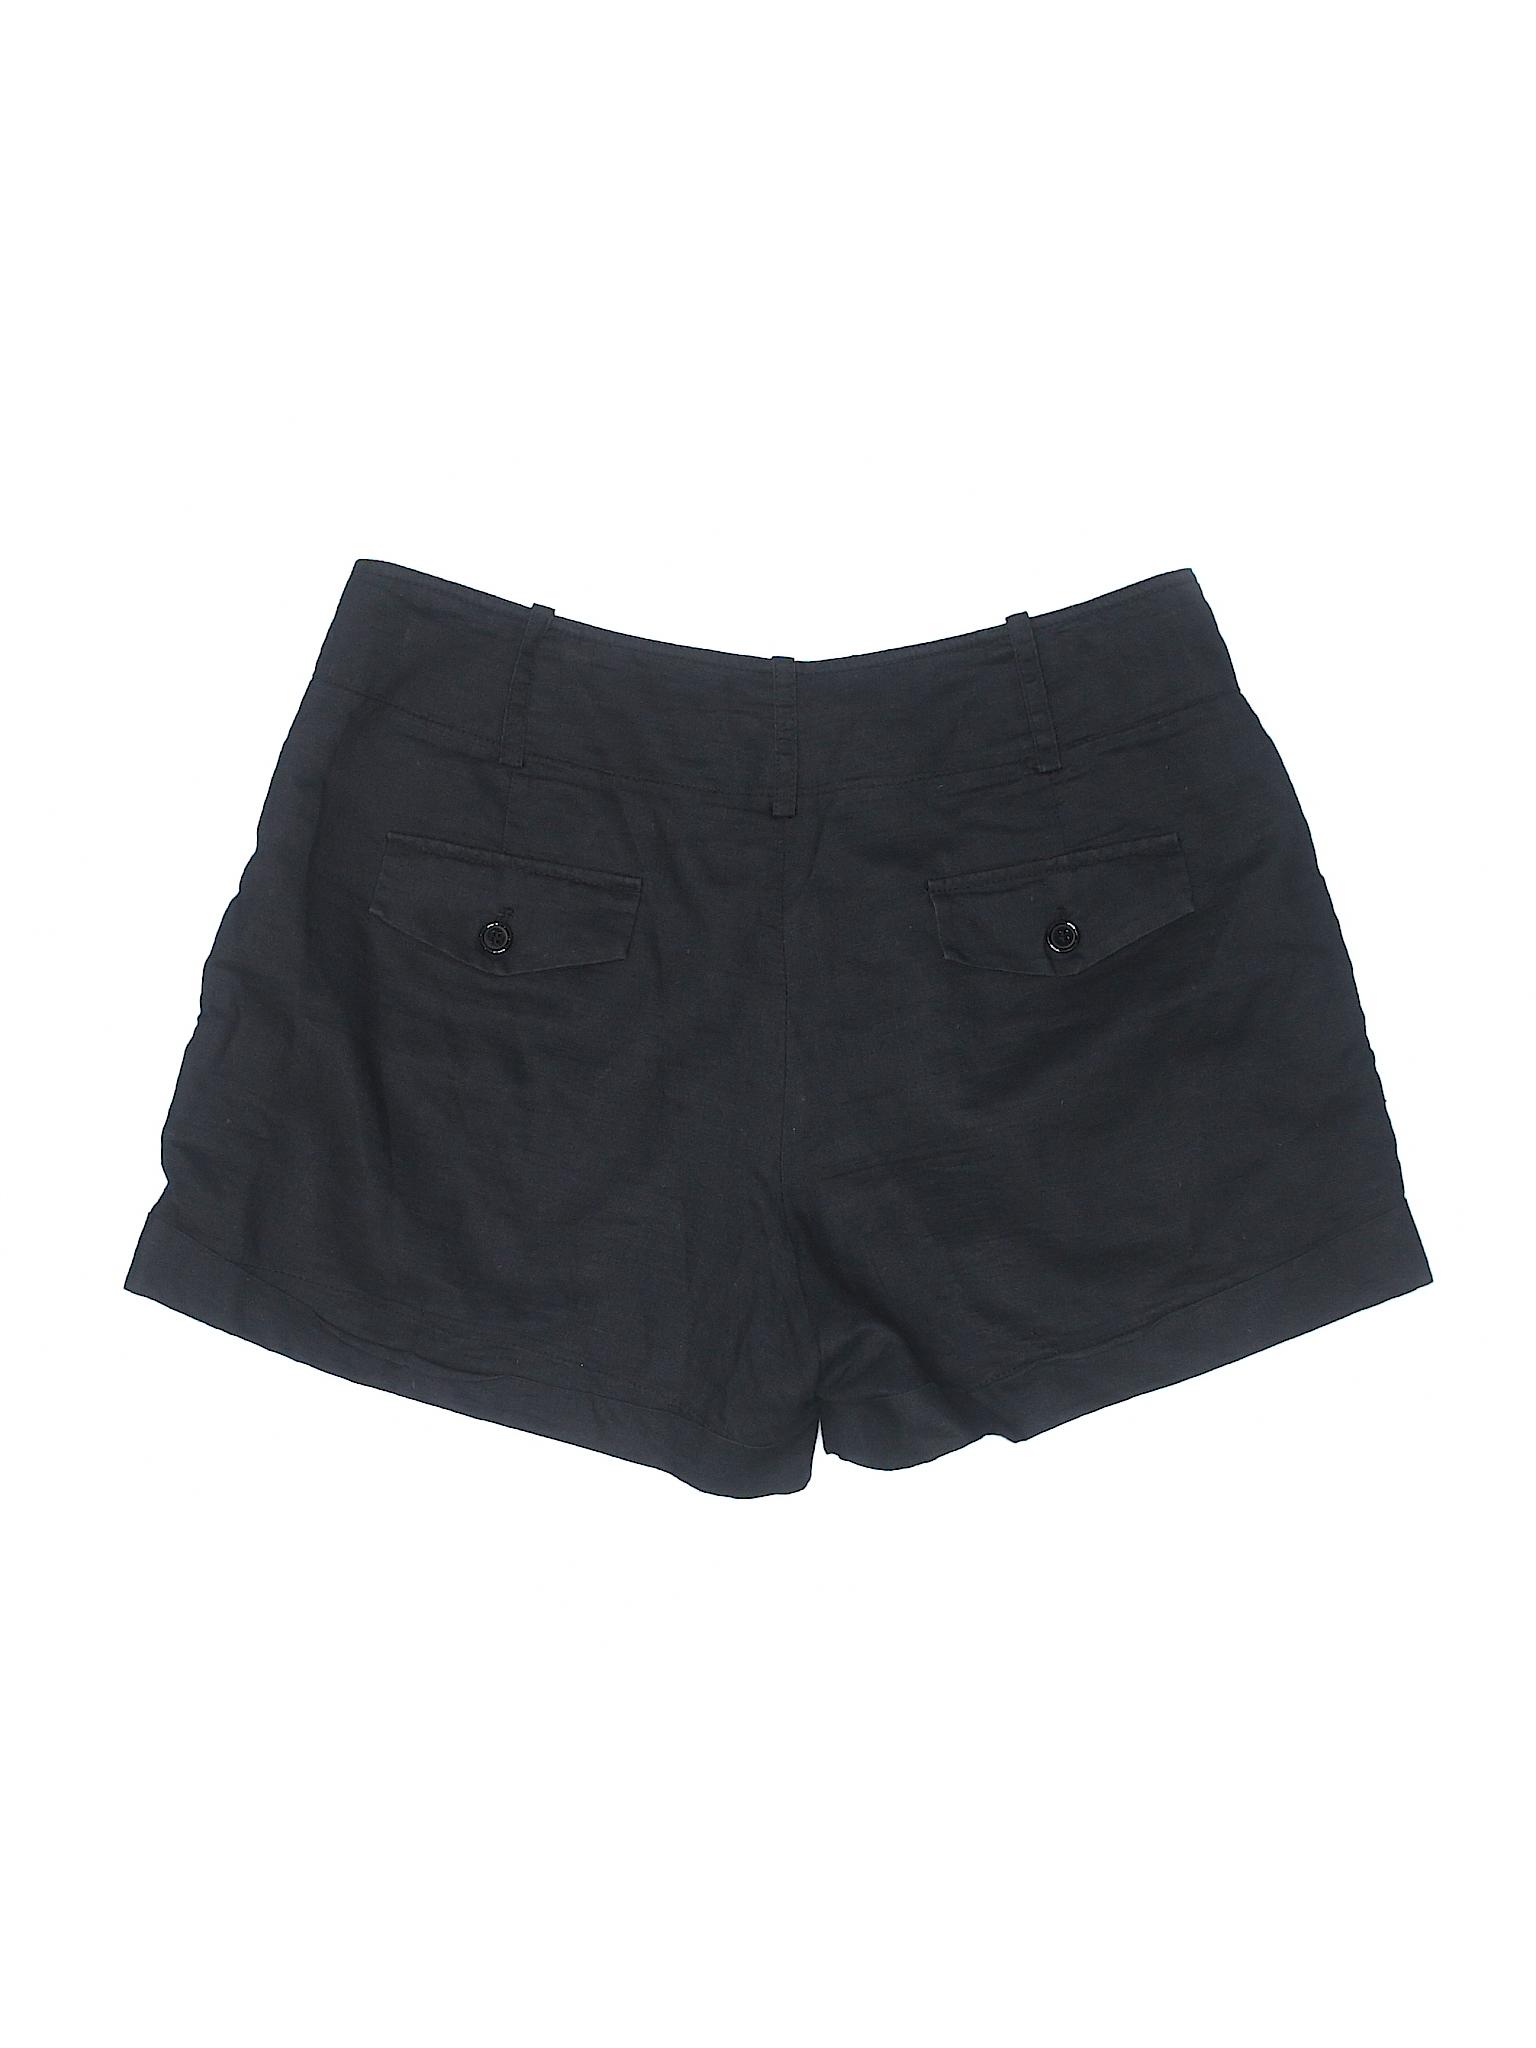 Boutique Shorts Silvergate Boutique Khaki Silvergate Khaki Fxw0FPT4